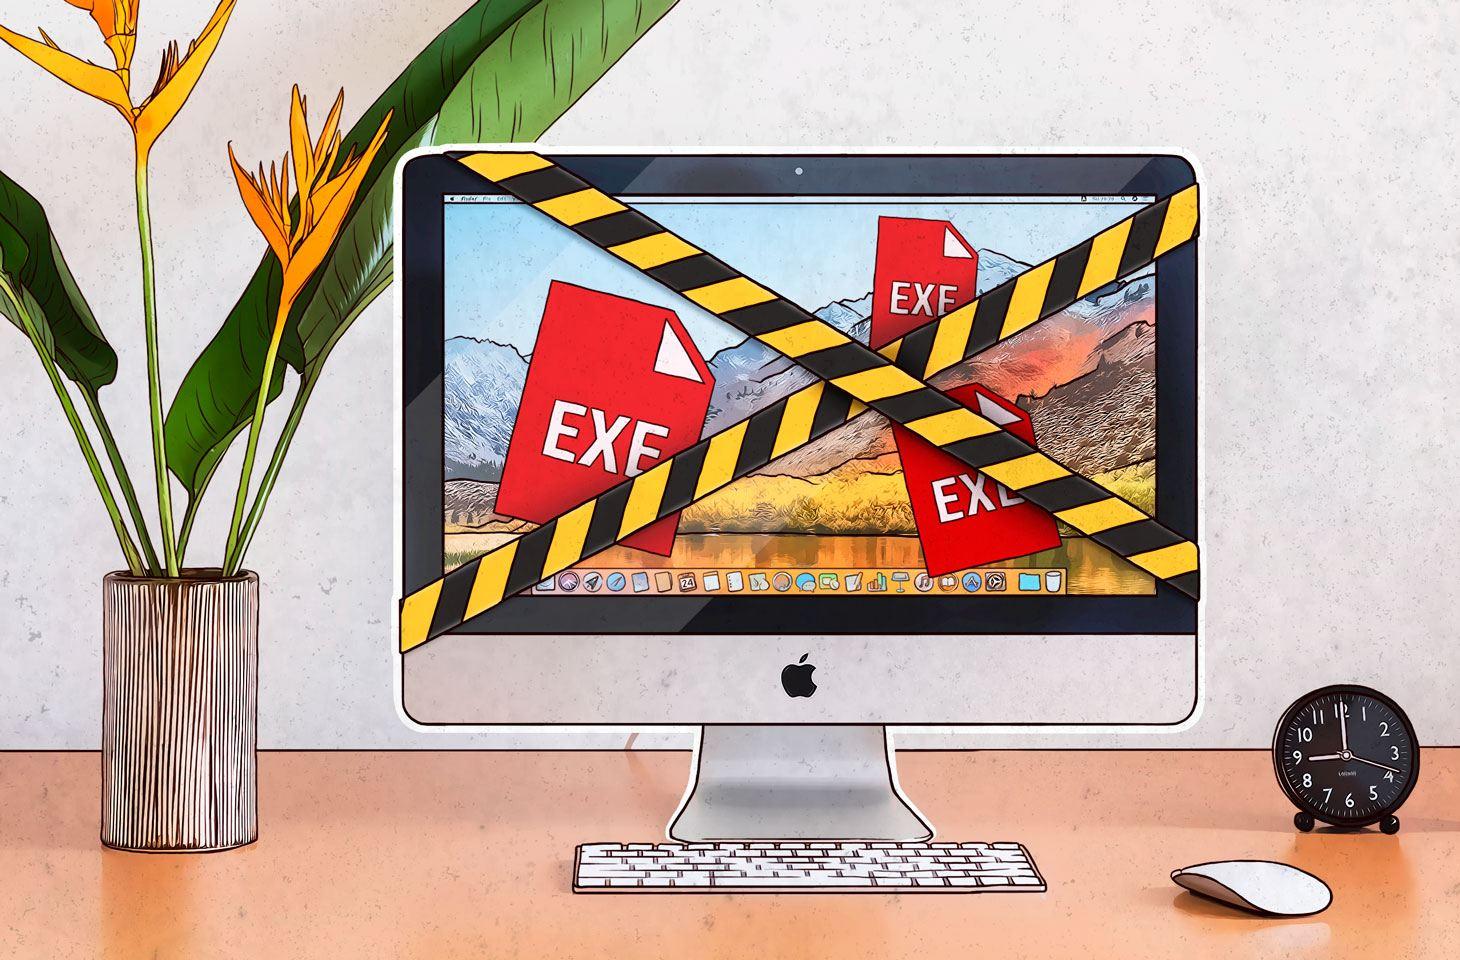 Schädliche EXE-Dateien für macOS